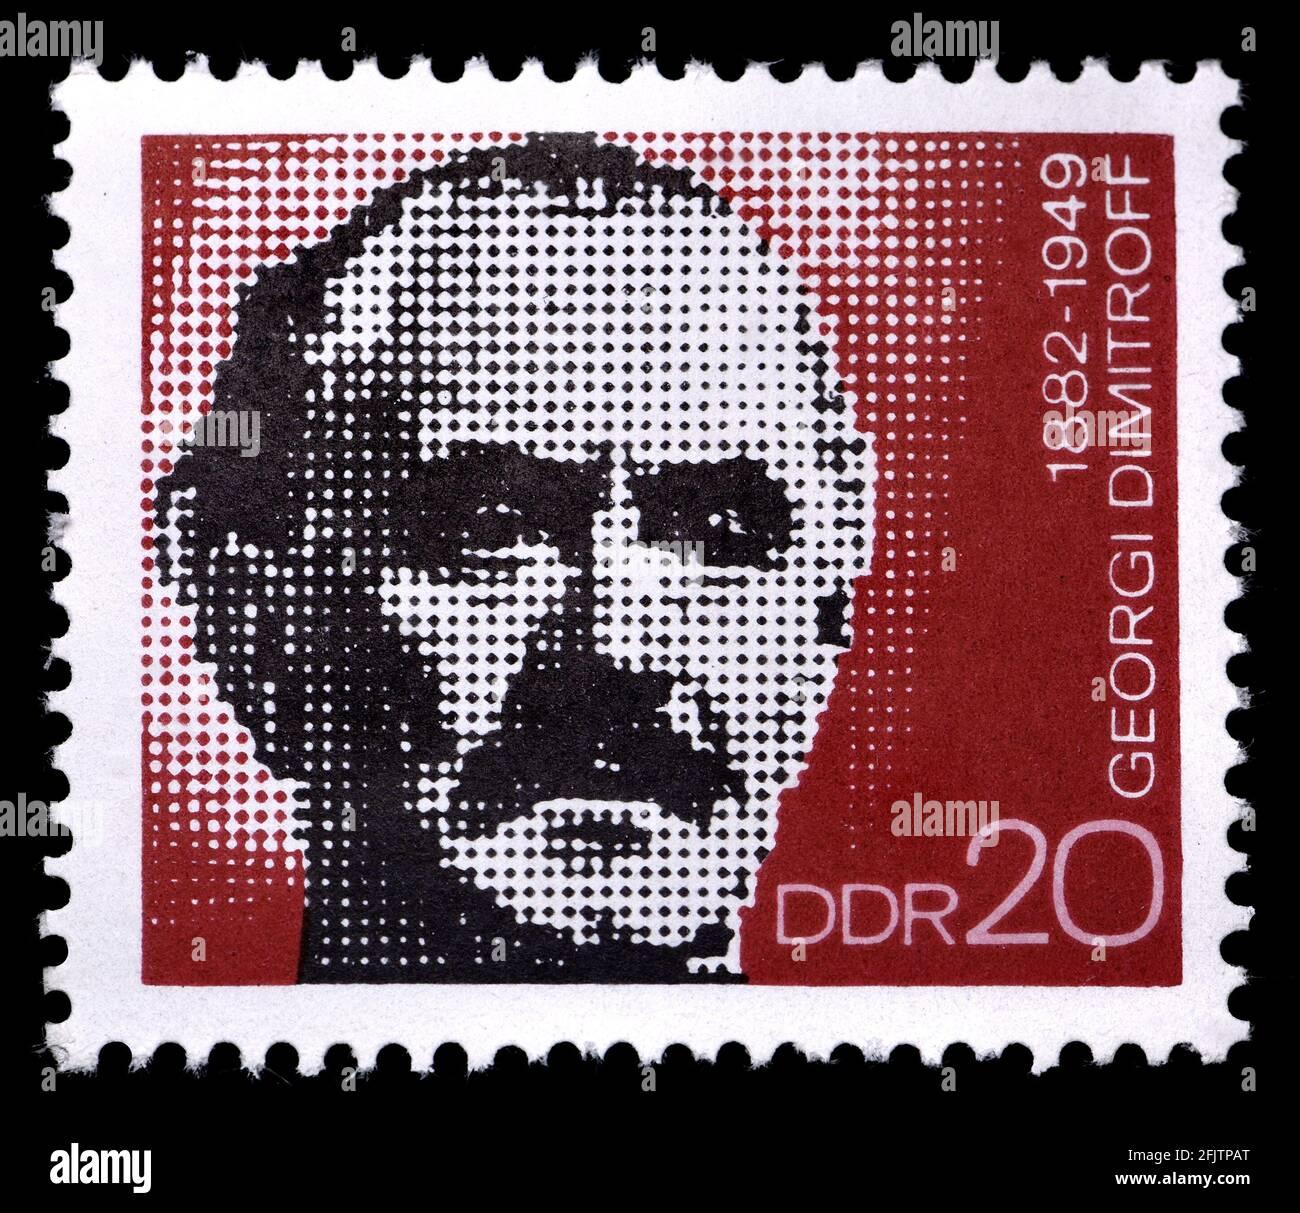 Sello postal de Alemania del Este (1972) : Georgi Dimitrov (1882-1949) Político comunista búlgaro - primer líder comunista de Bulgaria (1946 - 1949) Foto de stock